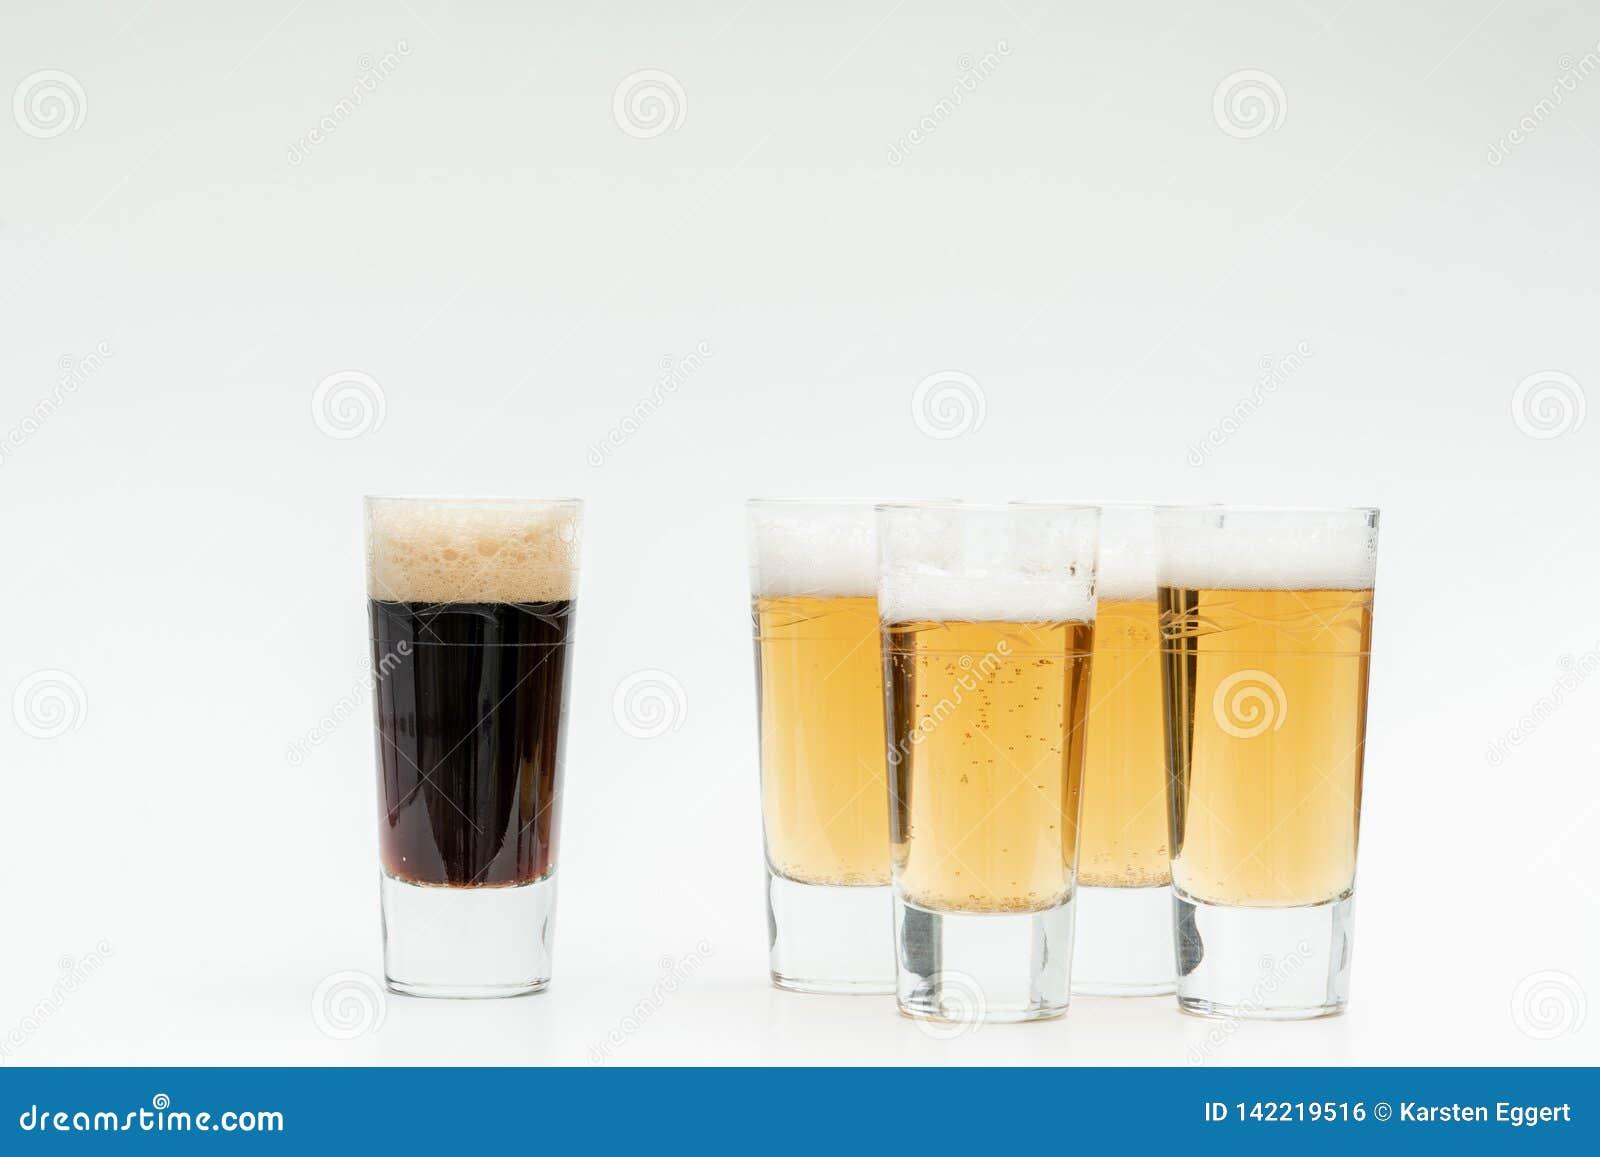 5 Gläser Bier symbolisieren Verschiedenartigkeit